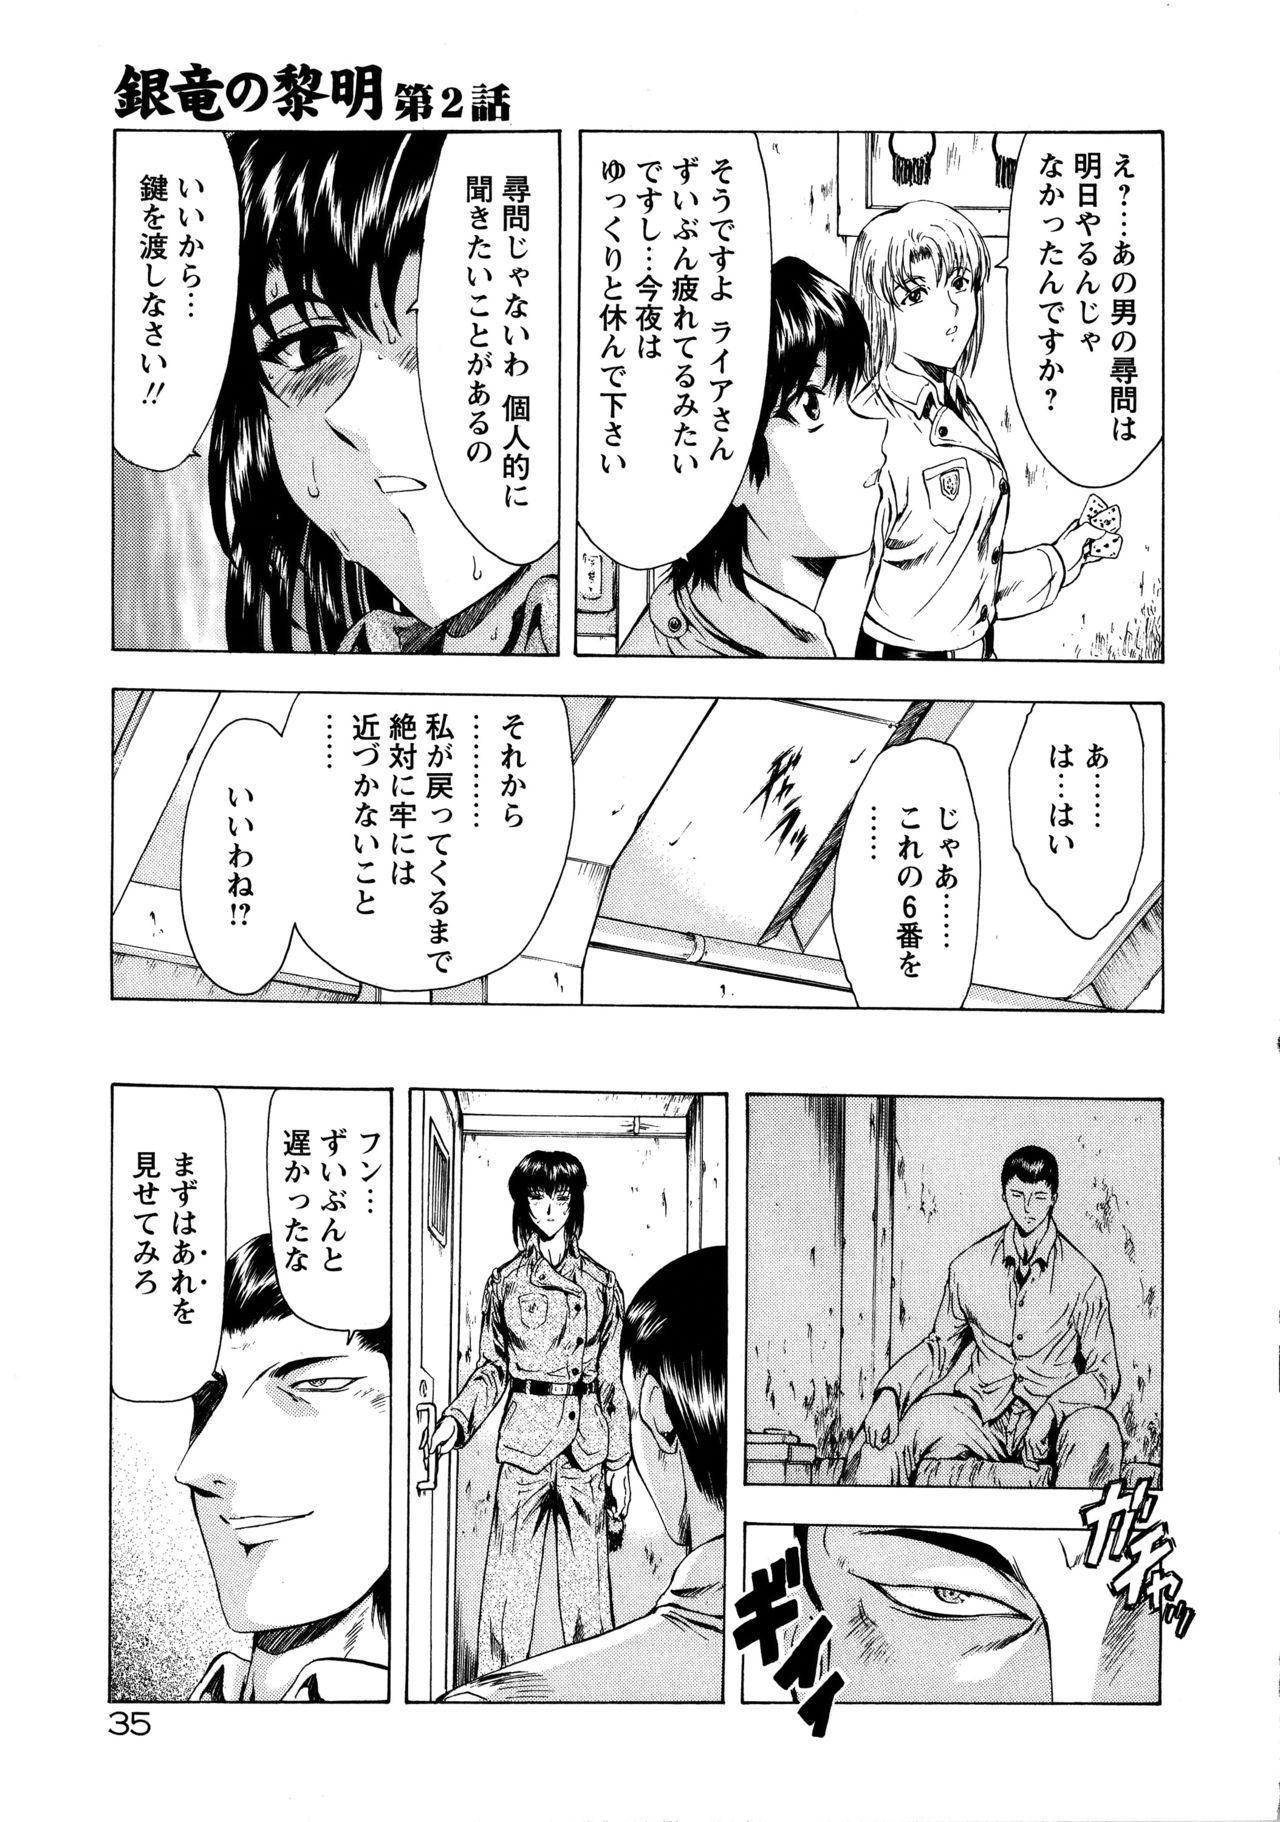 Ginryuu no Reimei Vol. 1 42